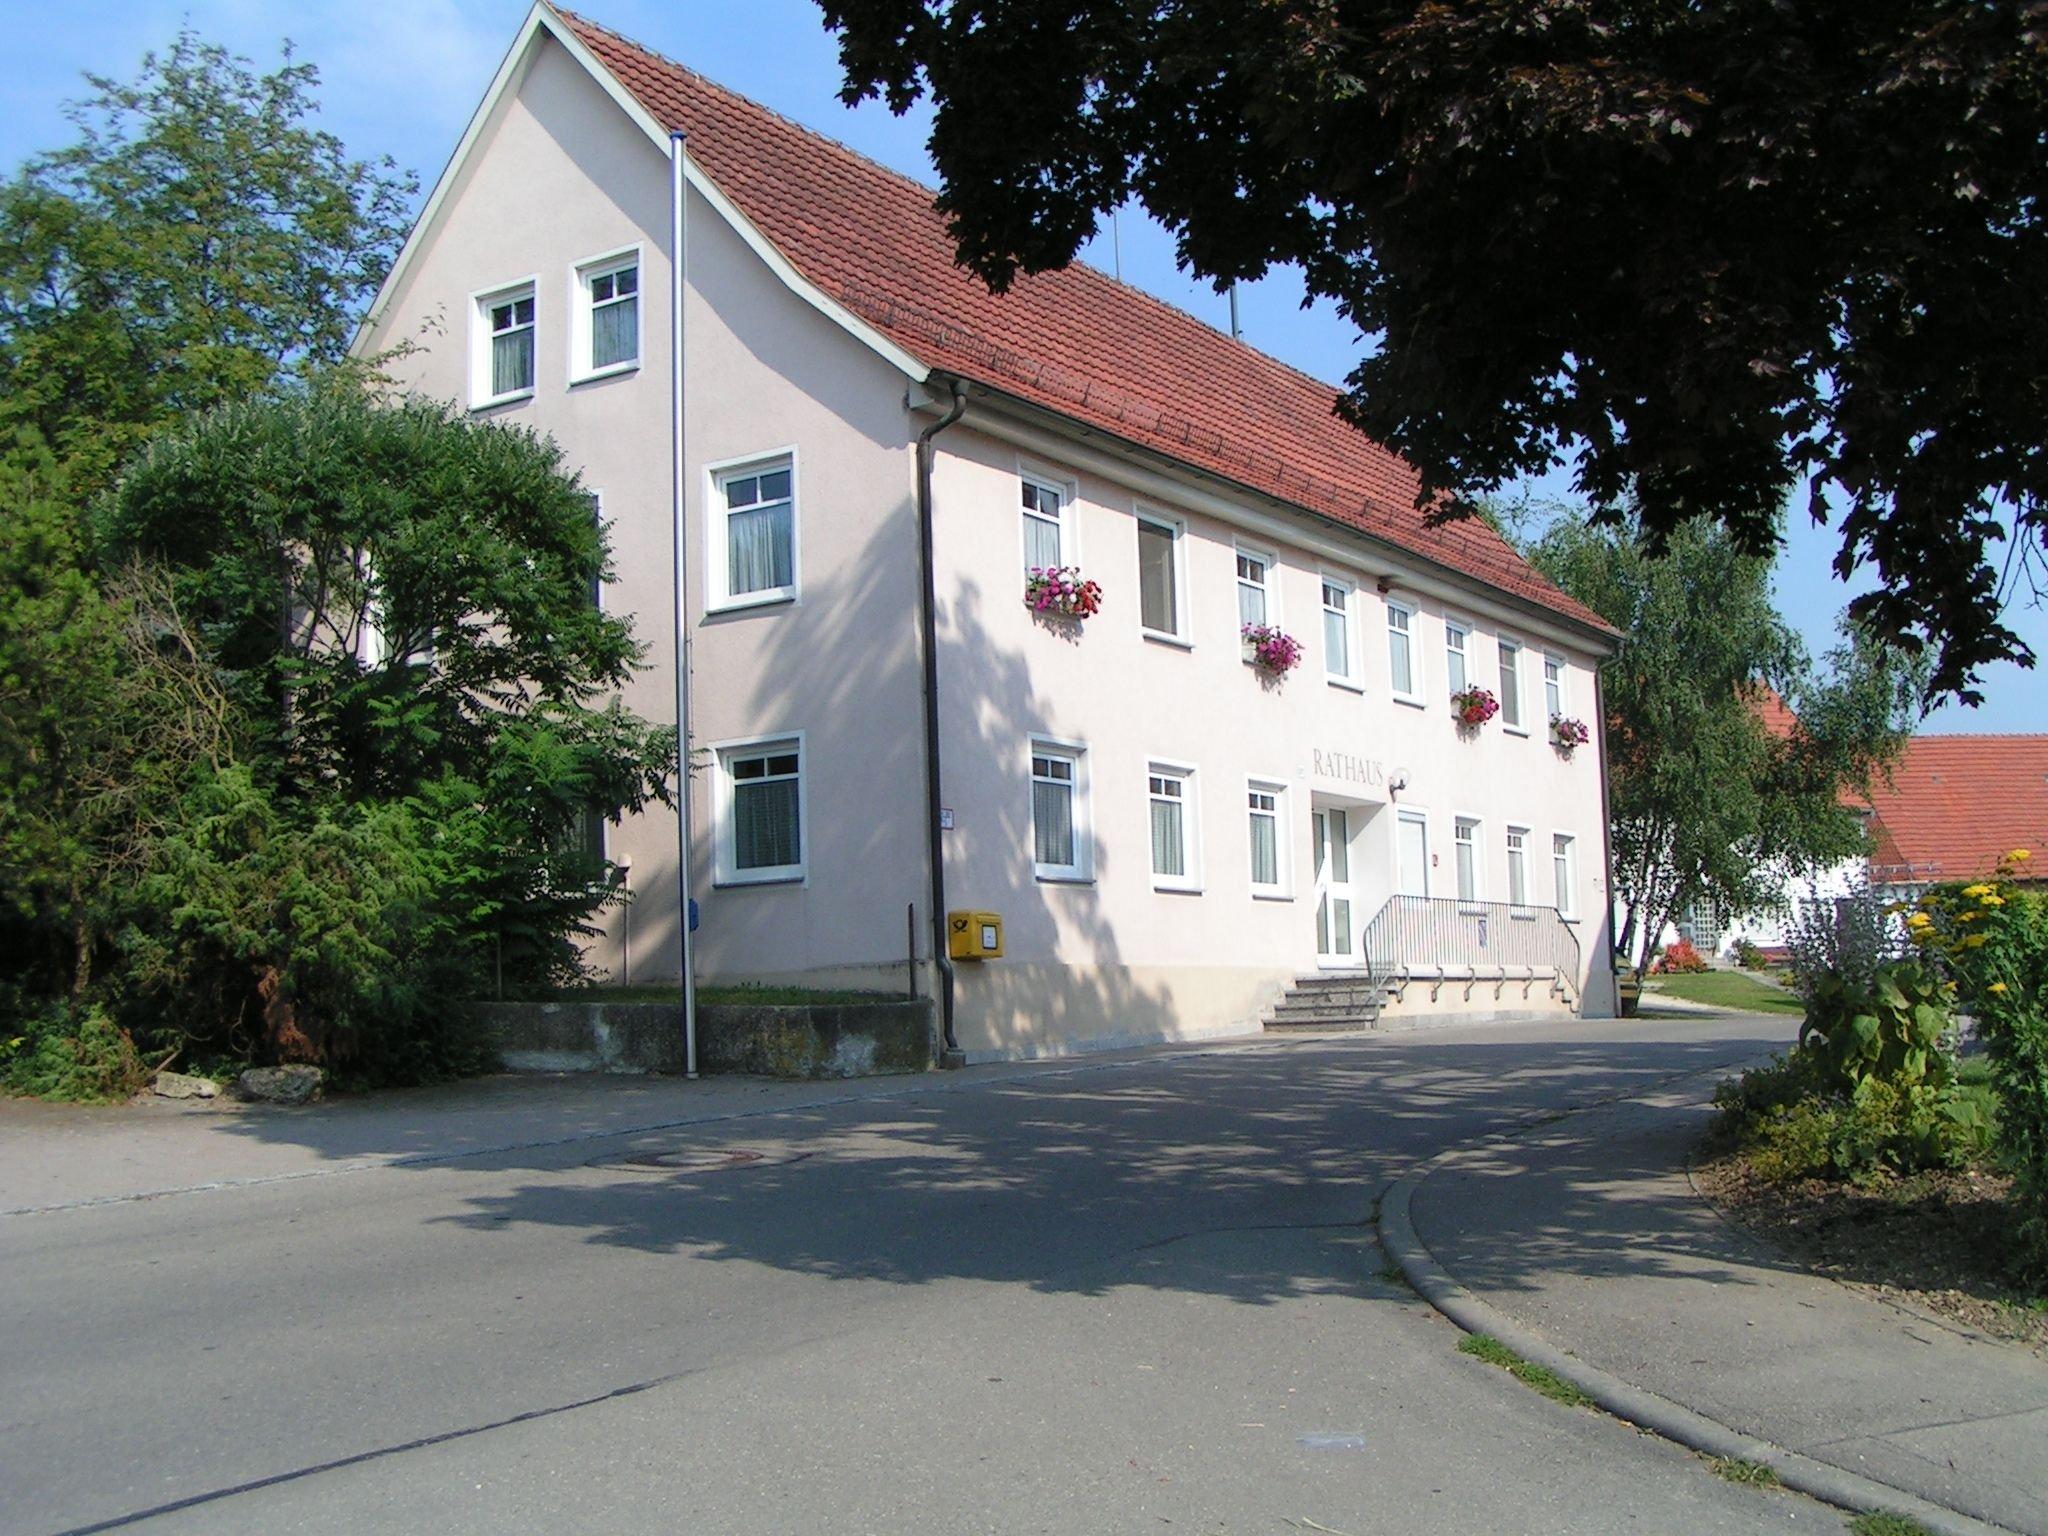 Außenstelle Griesingen